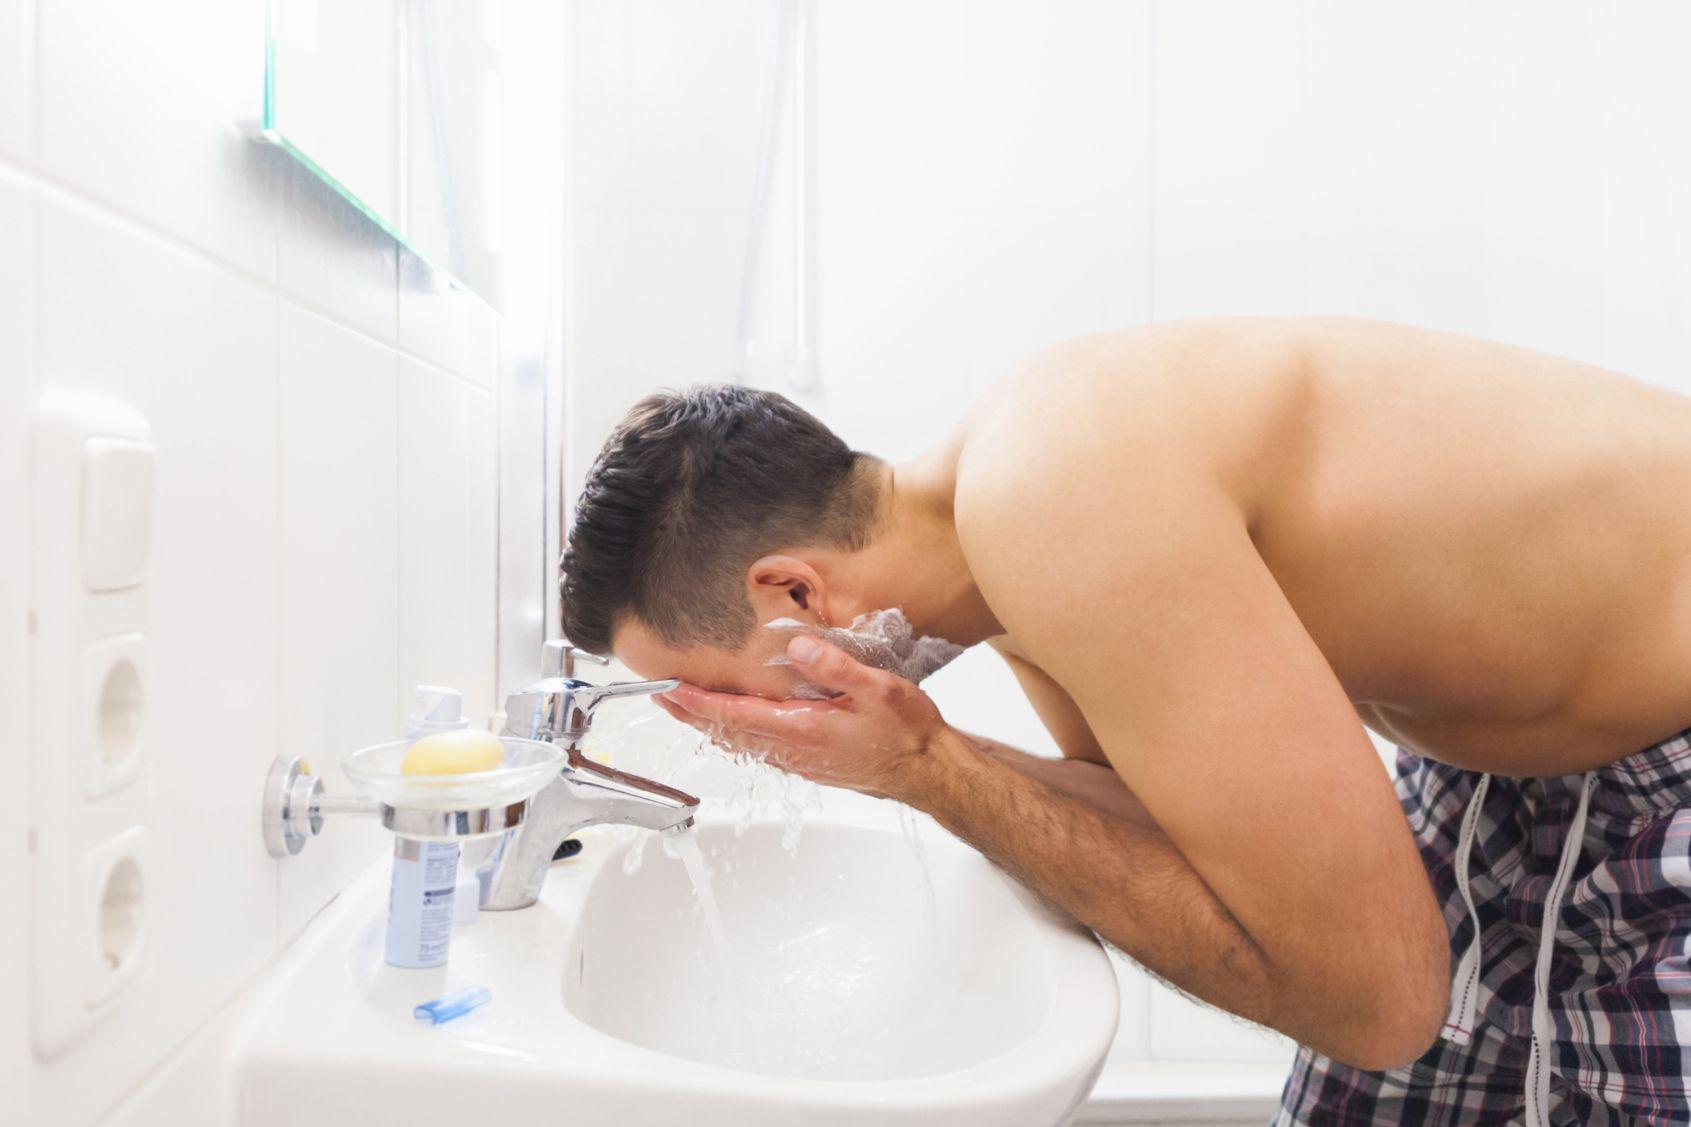 اغسل وجهك بالماء الدافئ بعد وضع الأعشاب لعلاج حب الشباب